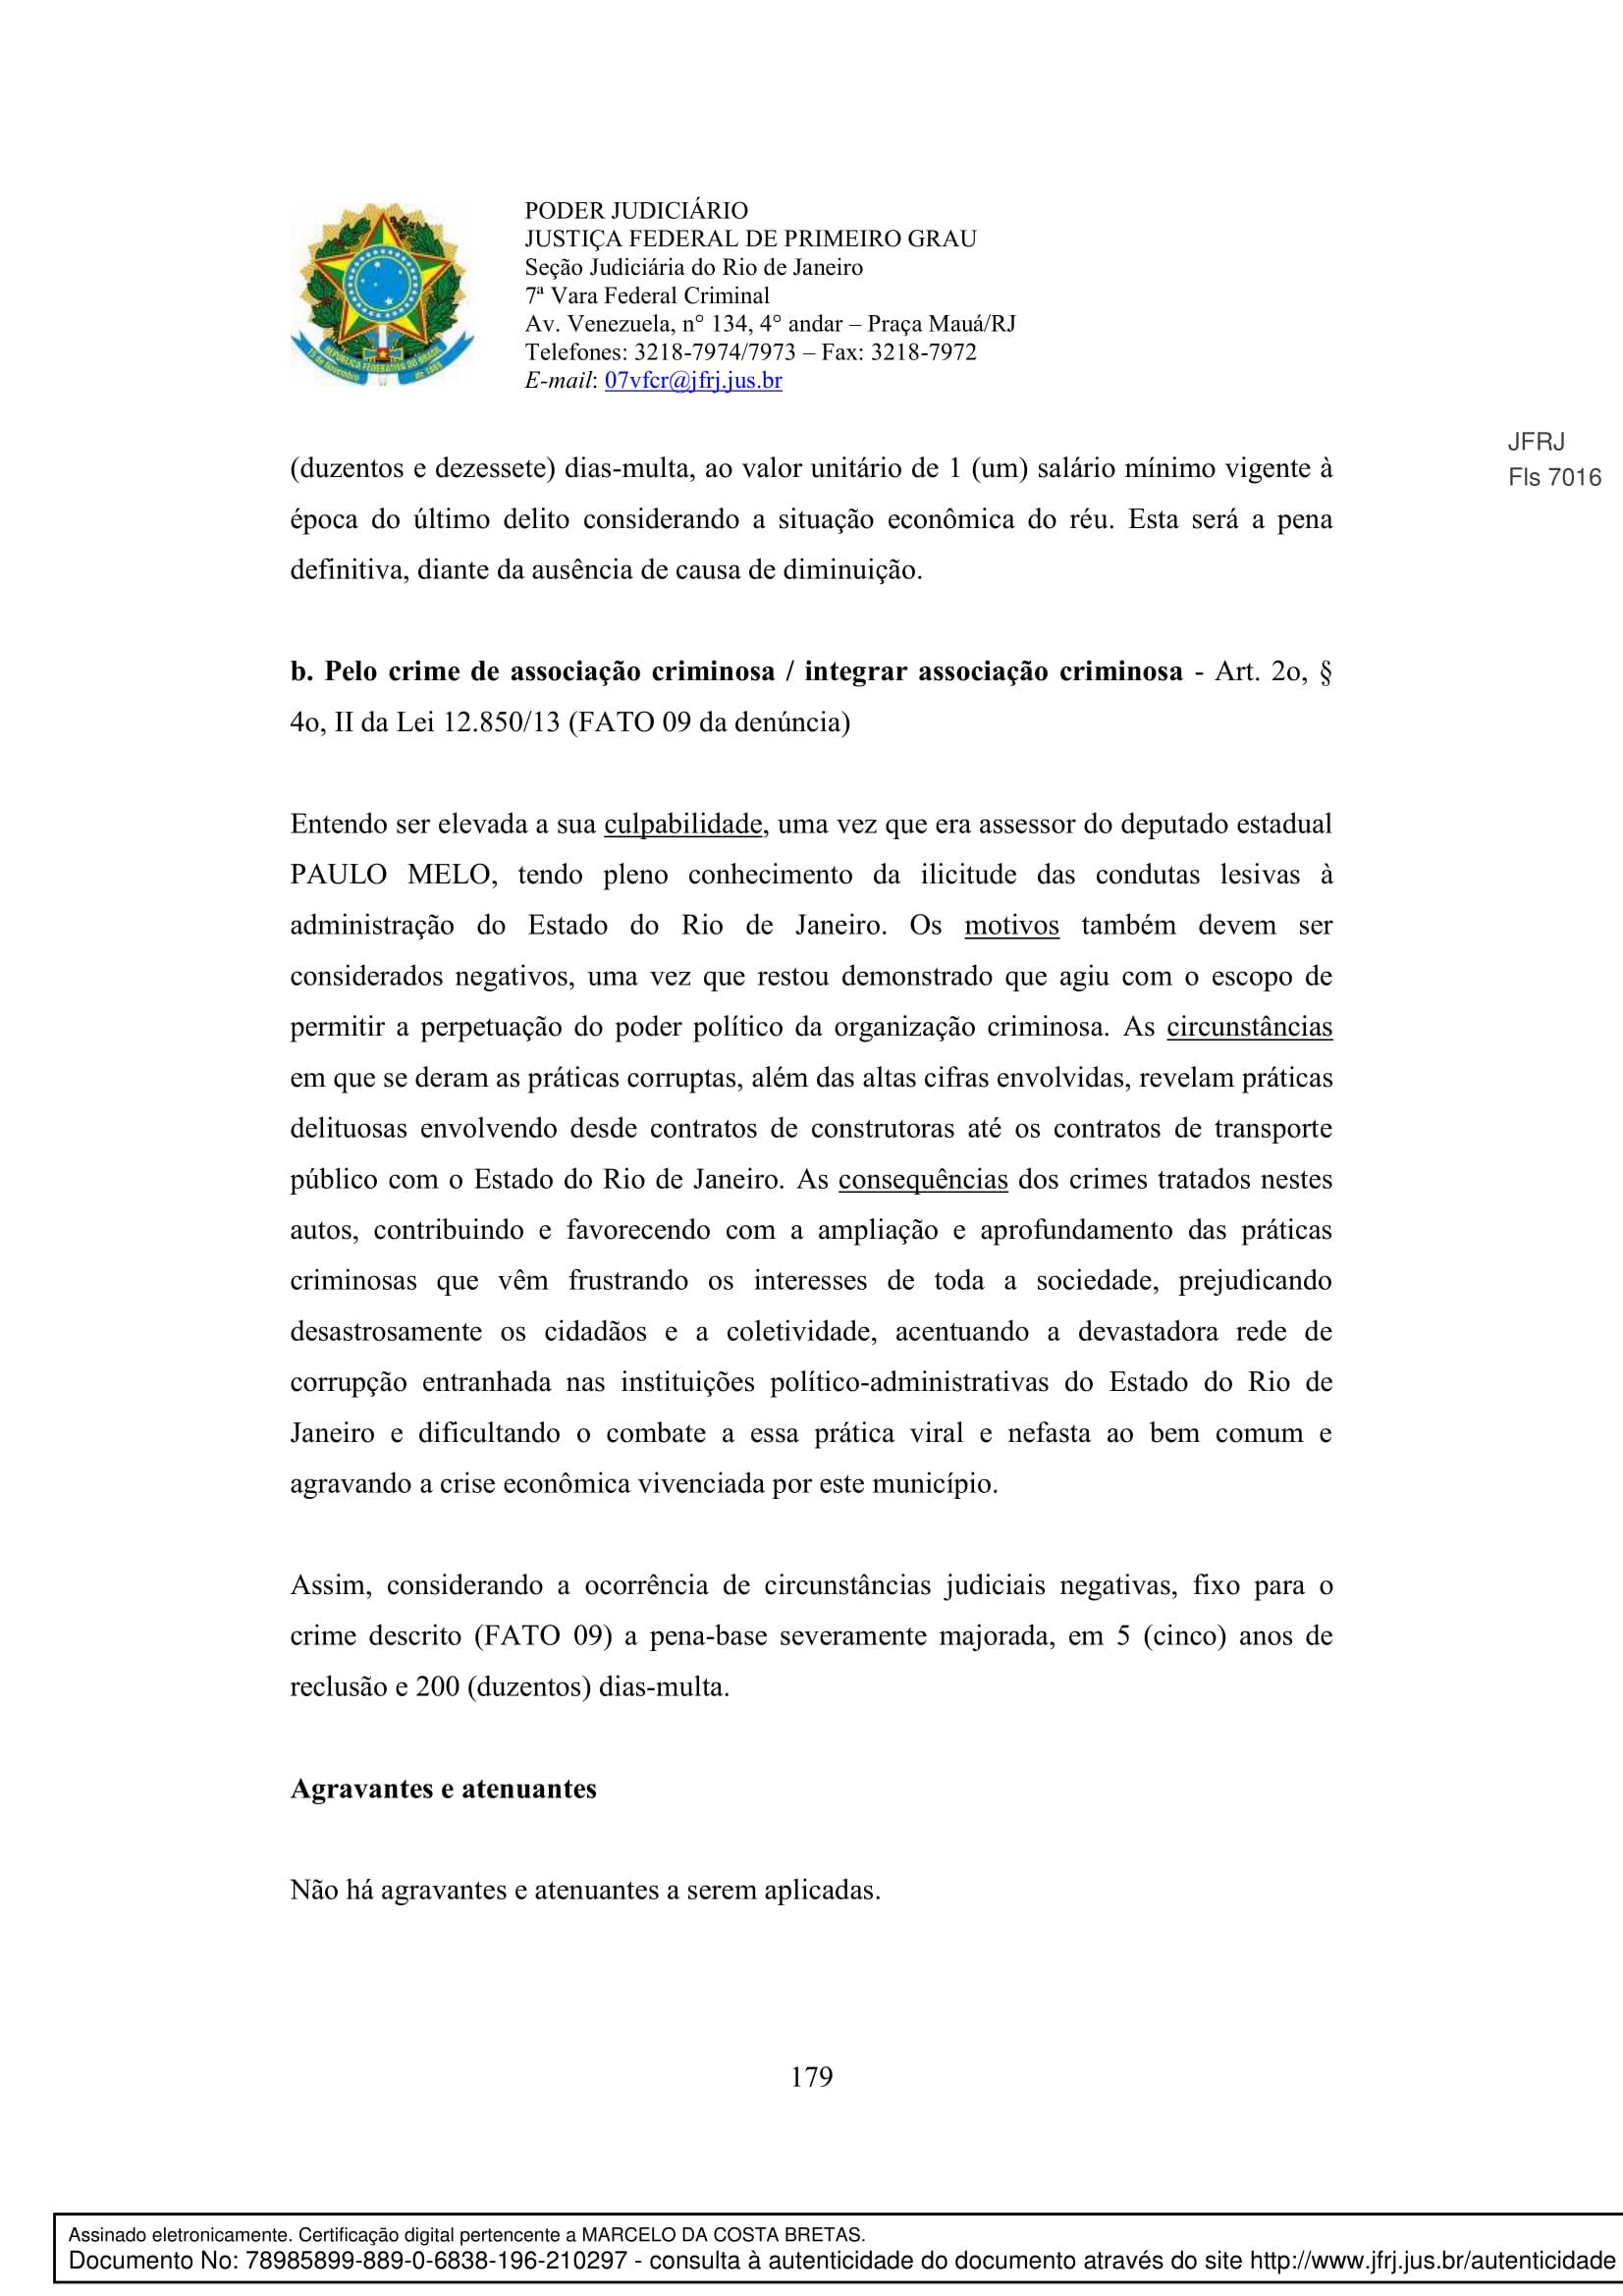 Sentenca-Cadeia-Velha-7VFC-179